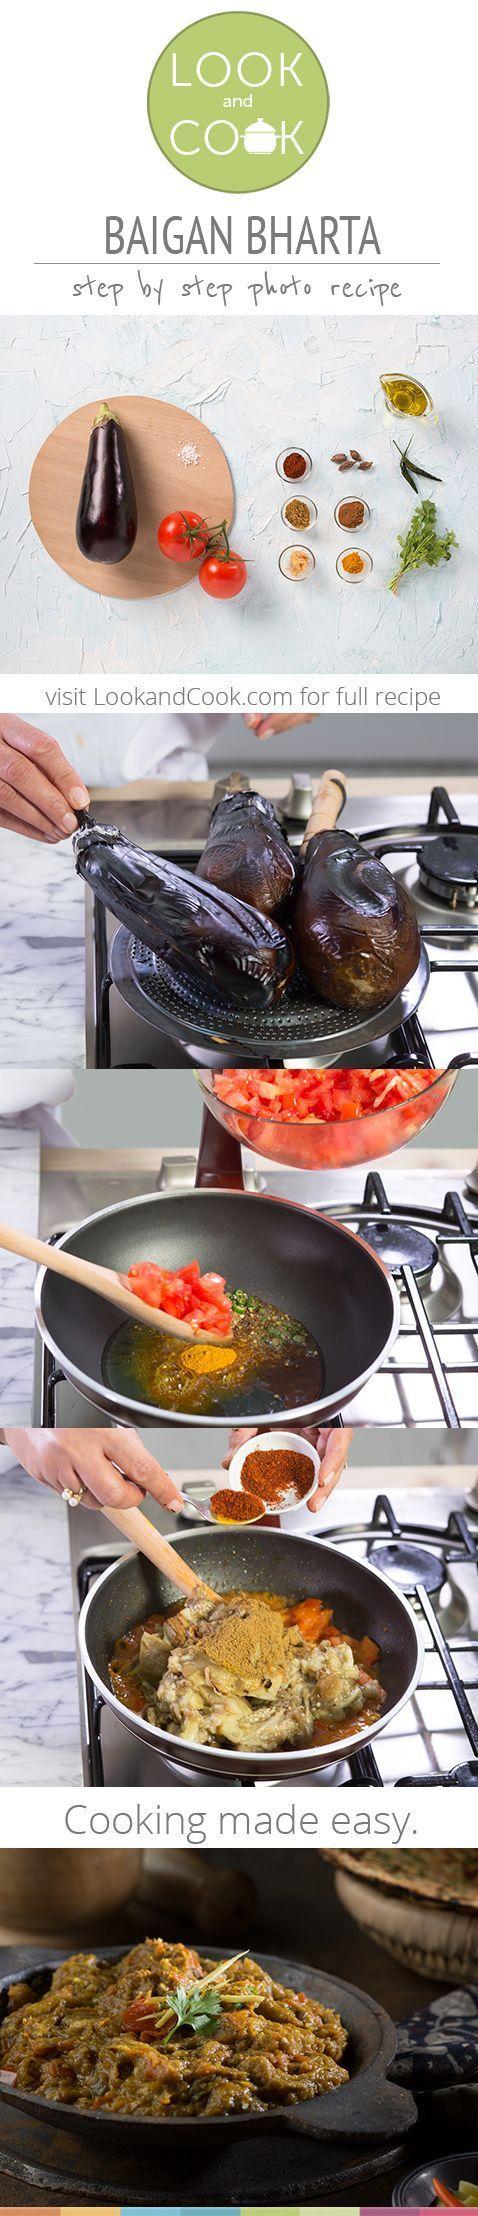 BAINGAN BHARTA RECIPE BAIGAN BHARTA RECIPE http://lookandcook.com/recipe/baingan-bharta-recipe/?layout=slide